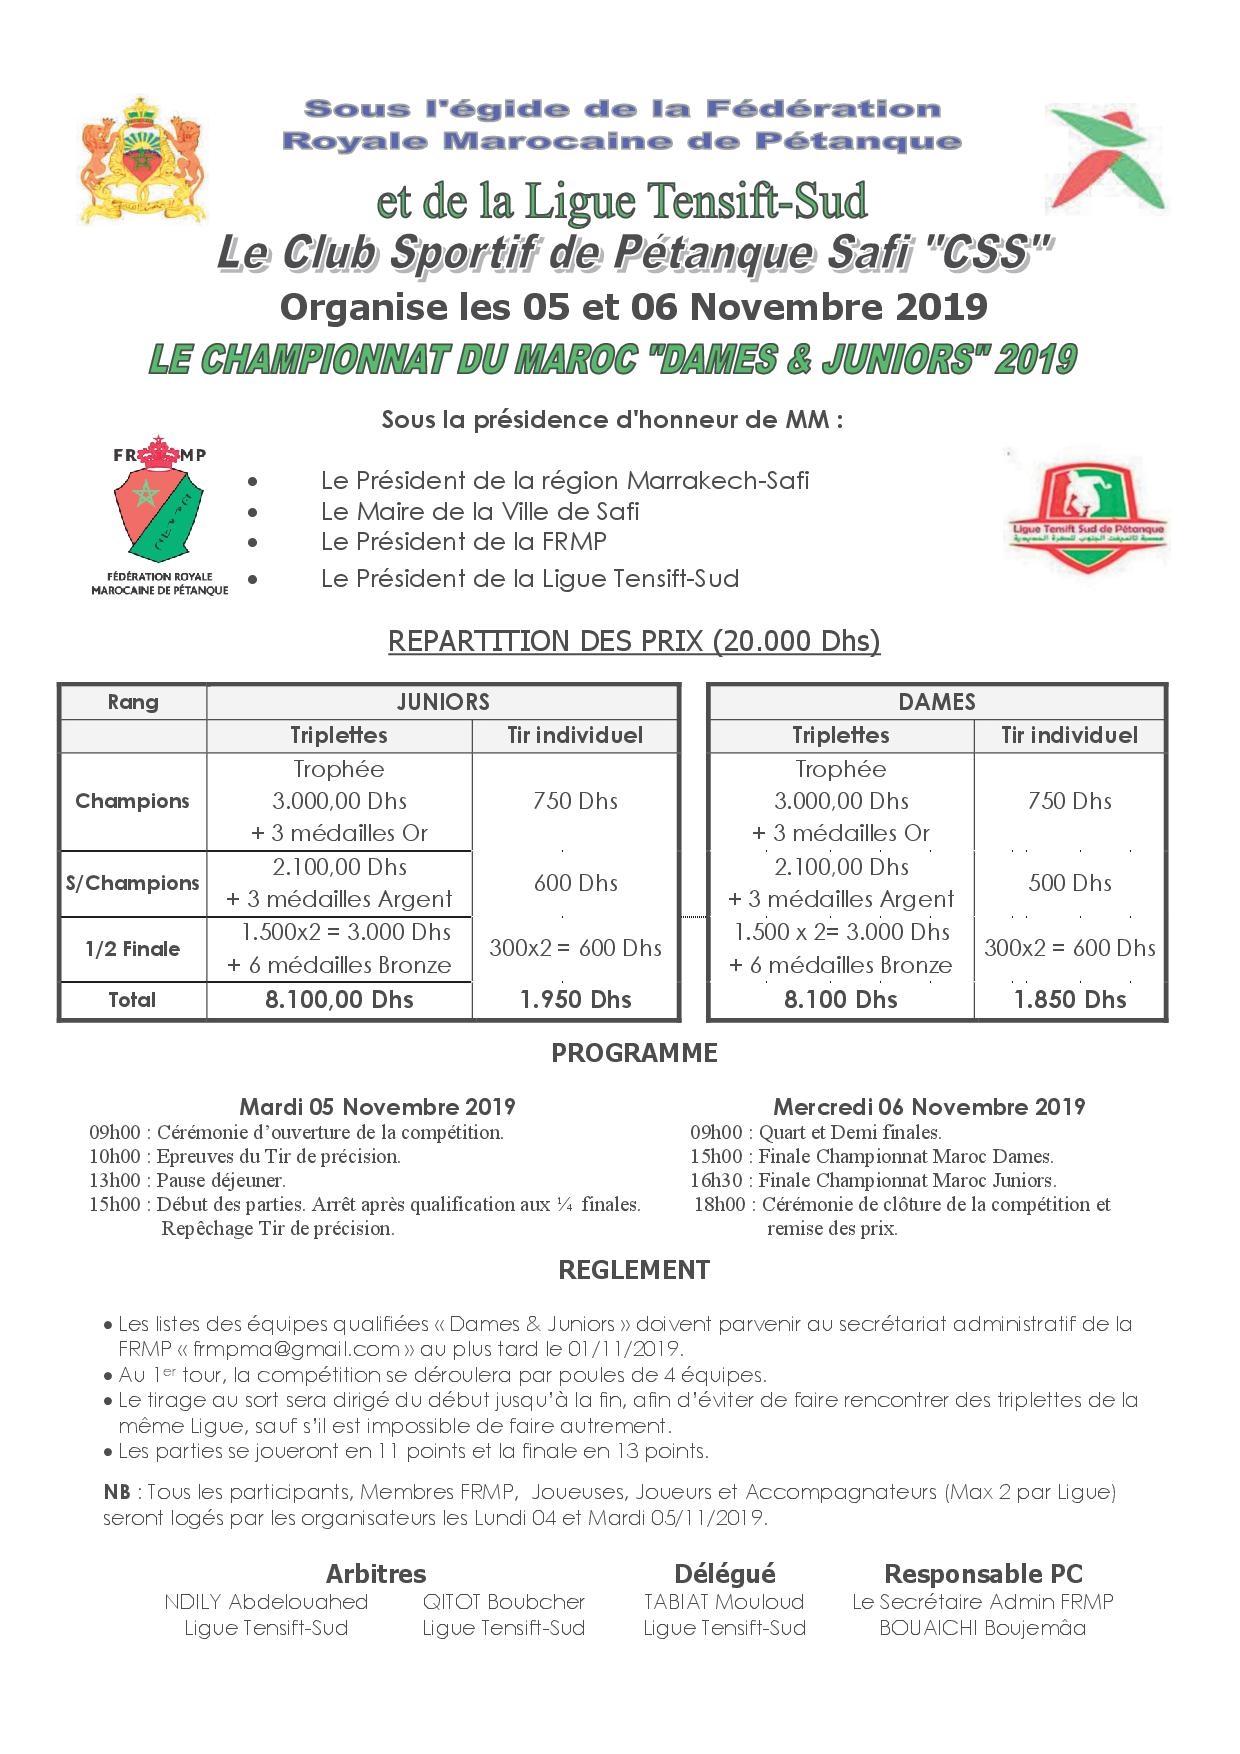 IChampionnat du Maroc Dames et Juniors les 05 et 06/11/2019 au club CSS Safi